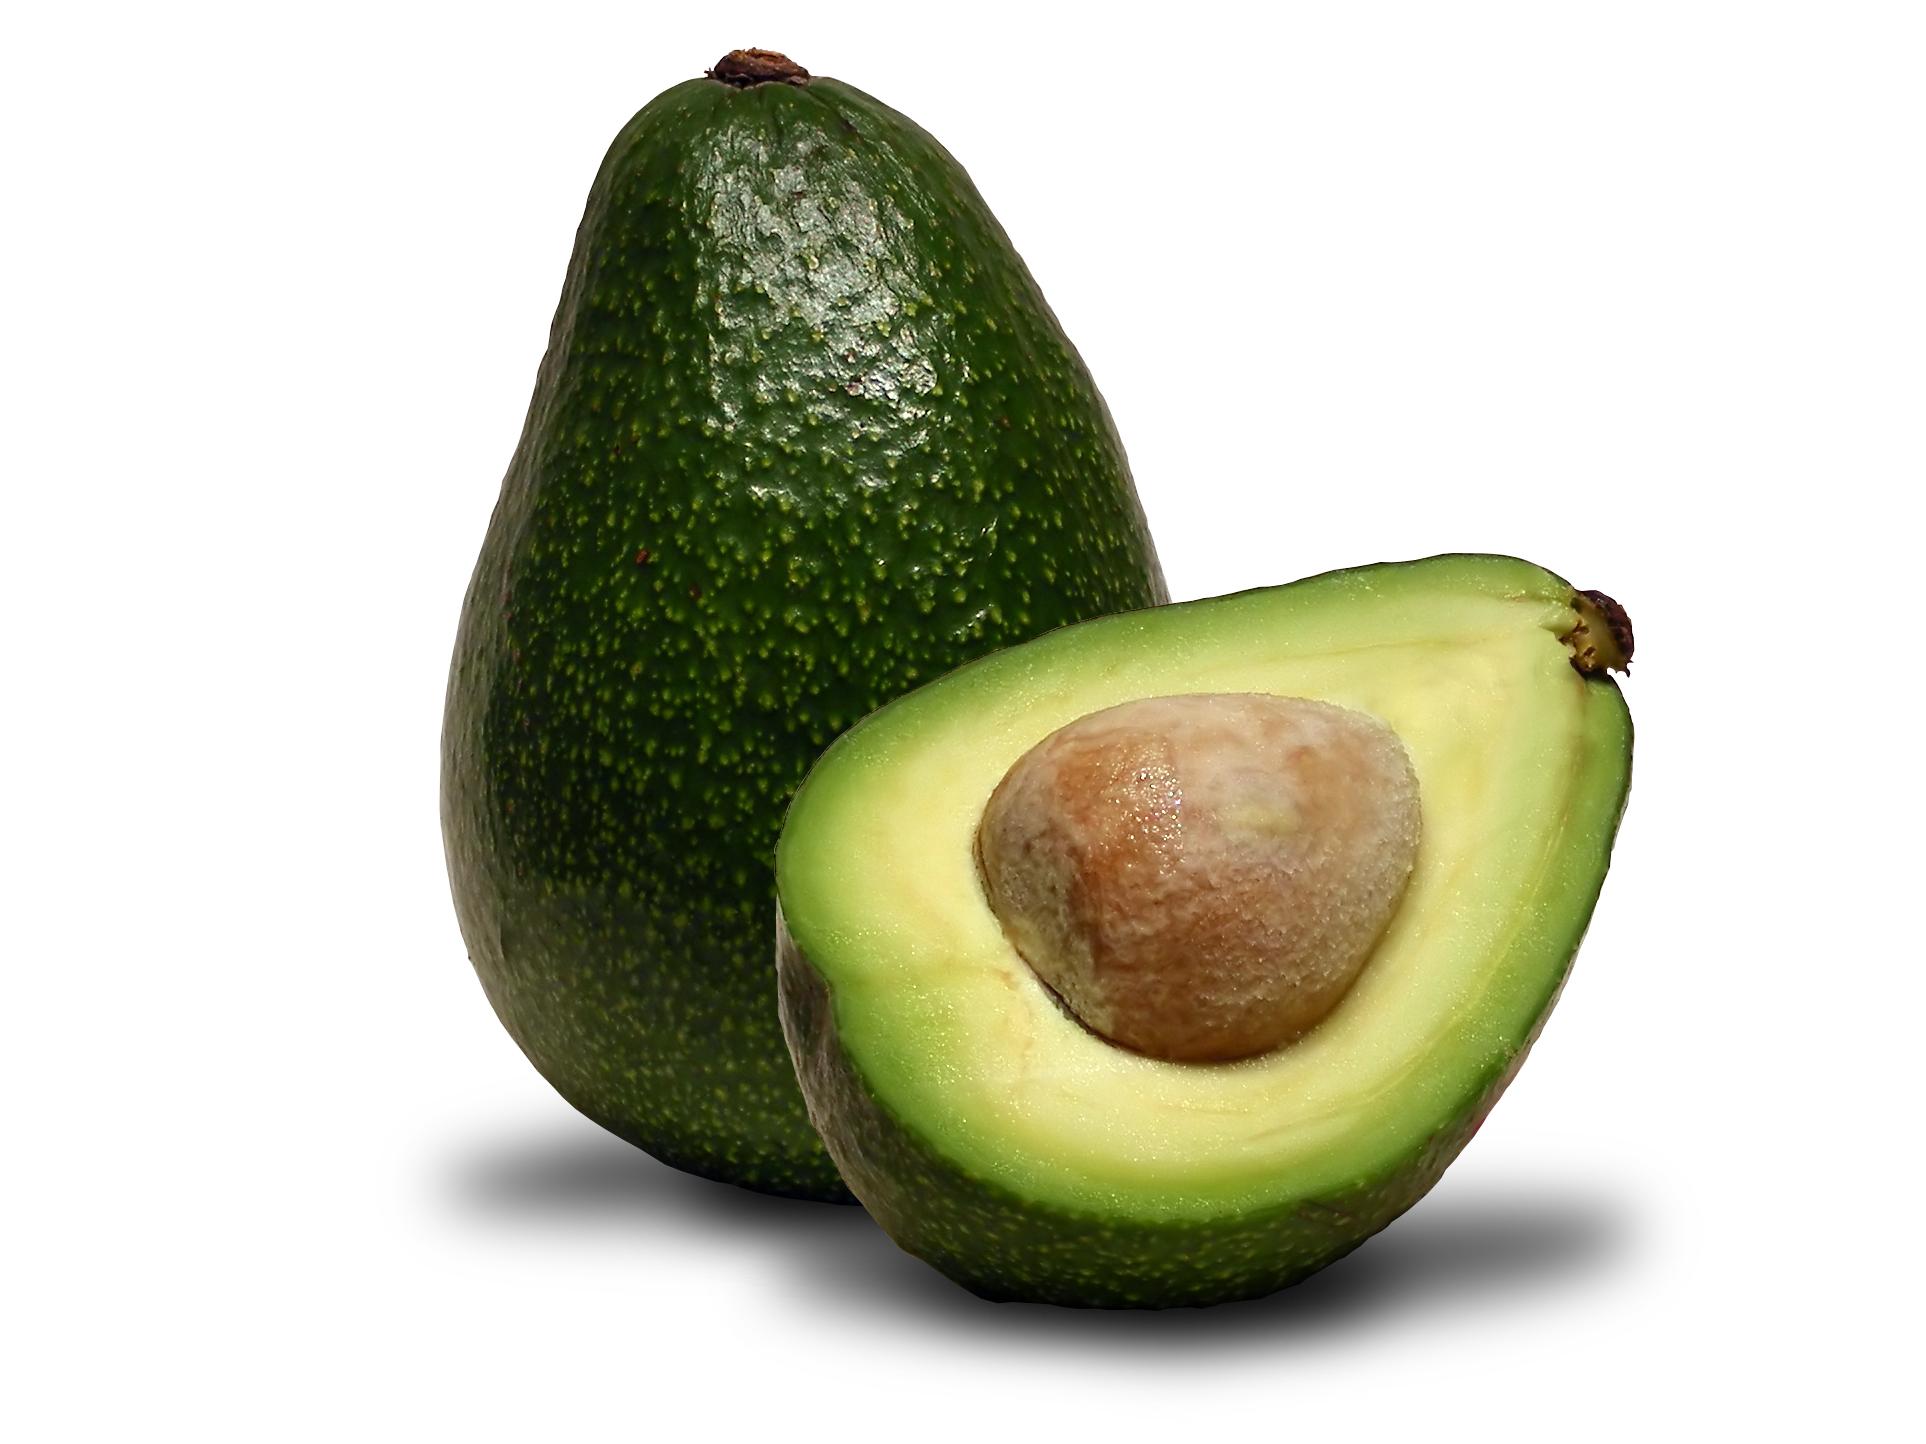 กลิ่นอะโวคาโด( Avocado Flavor )